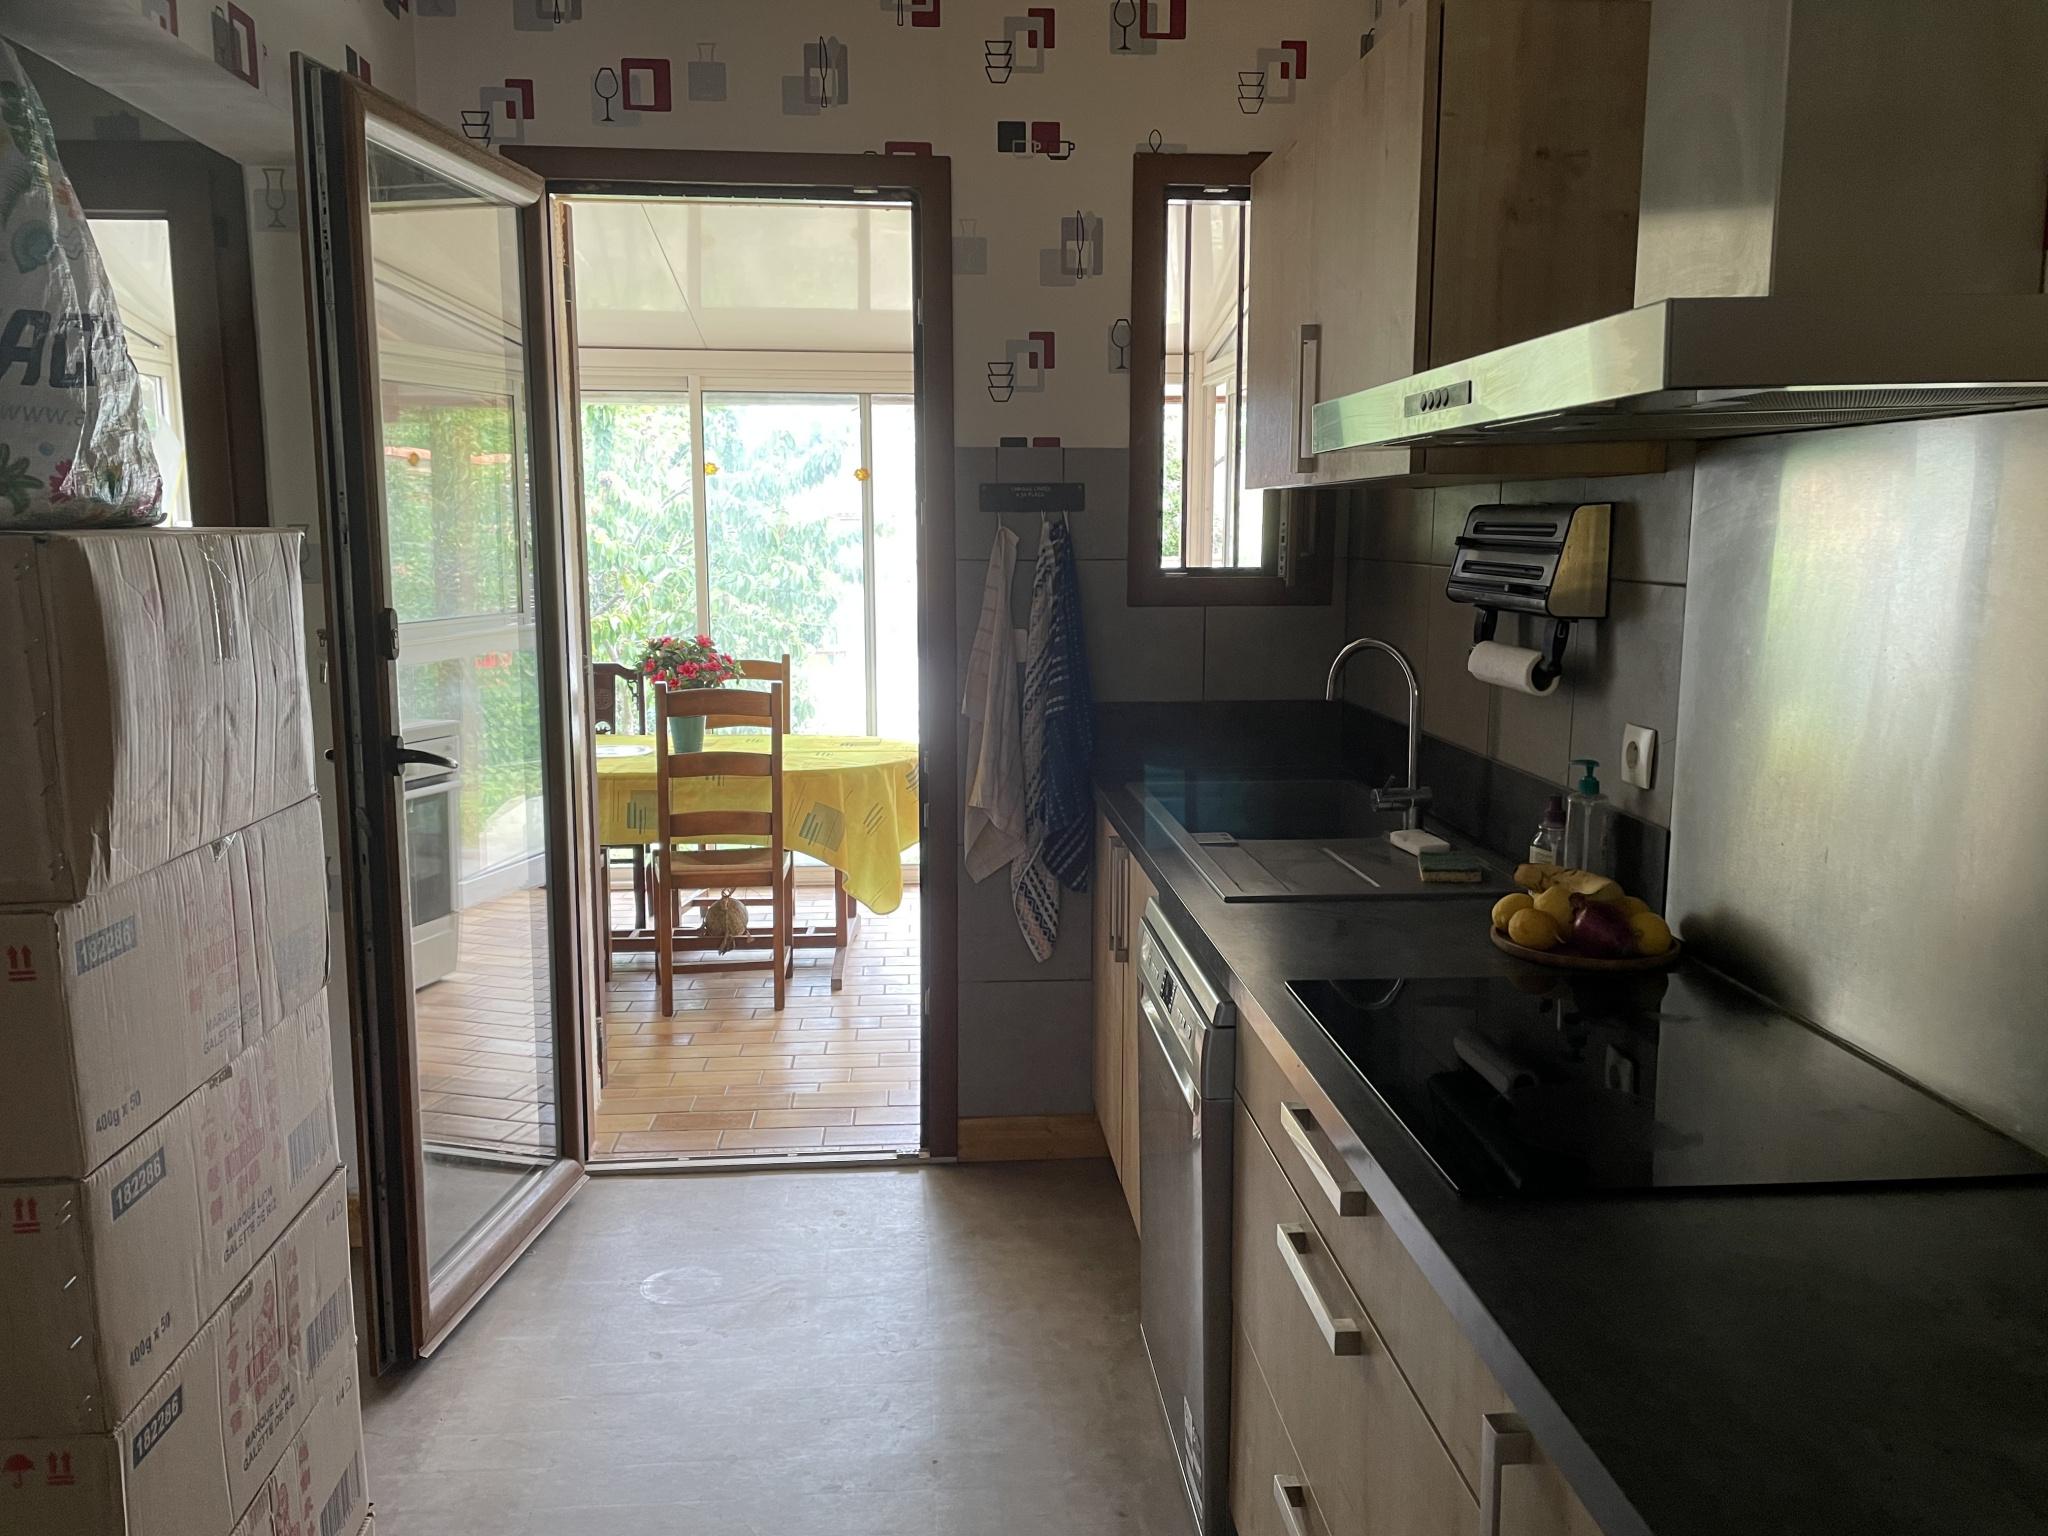 À vendre maison/villa de 90m2 à st genis des fontaines (66740) - Photo 7'